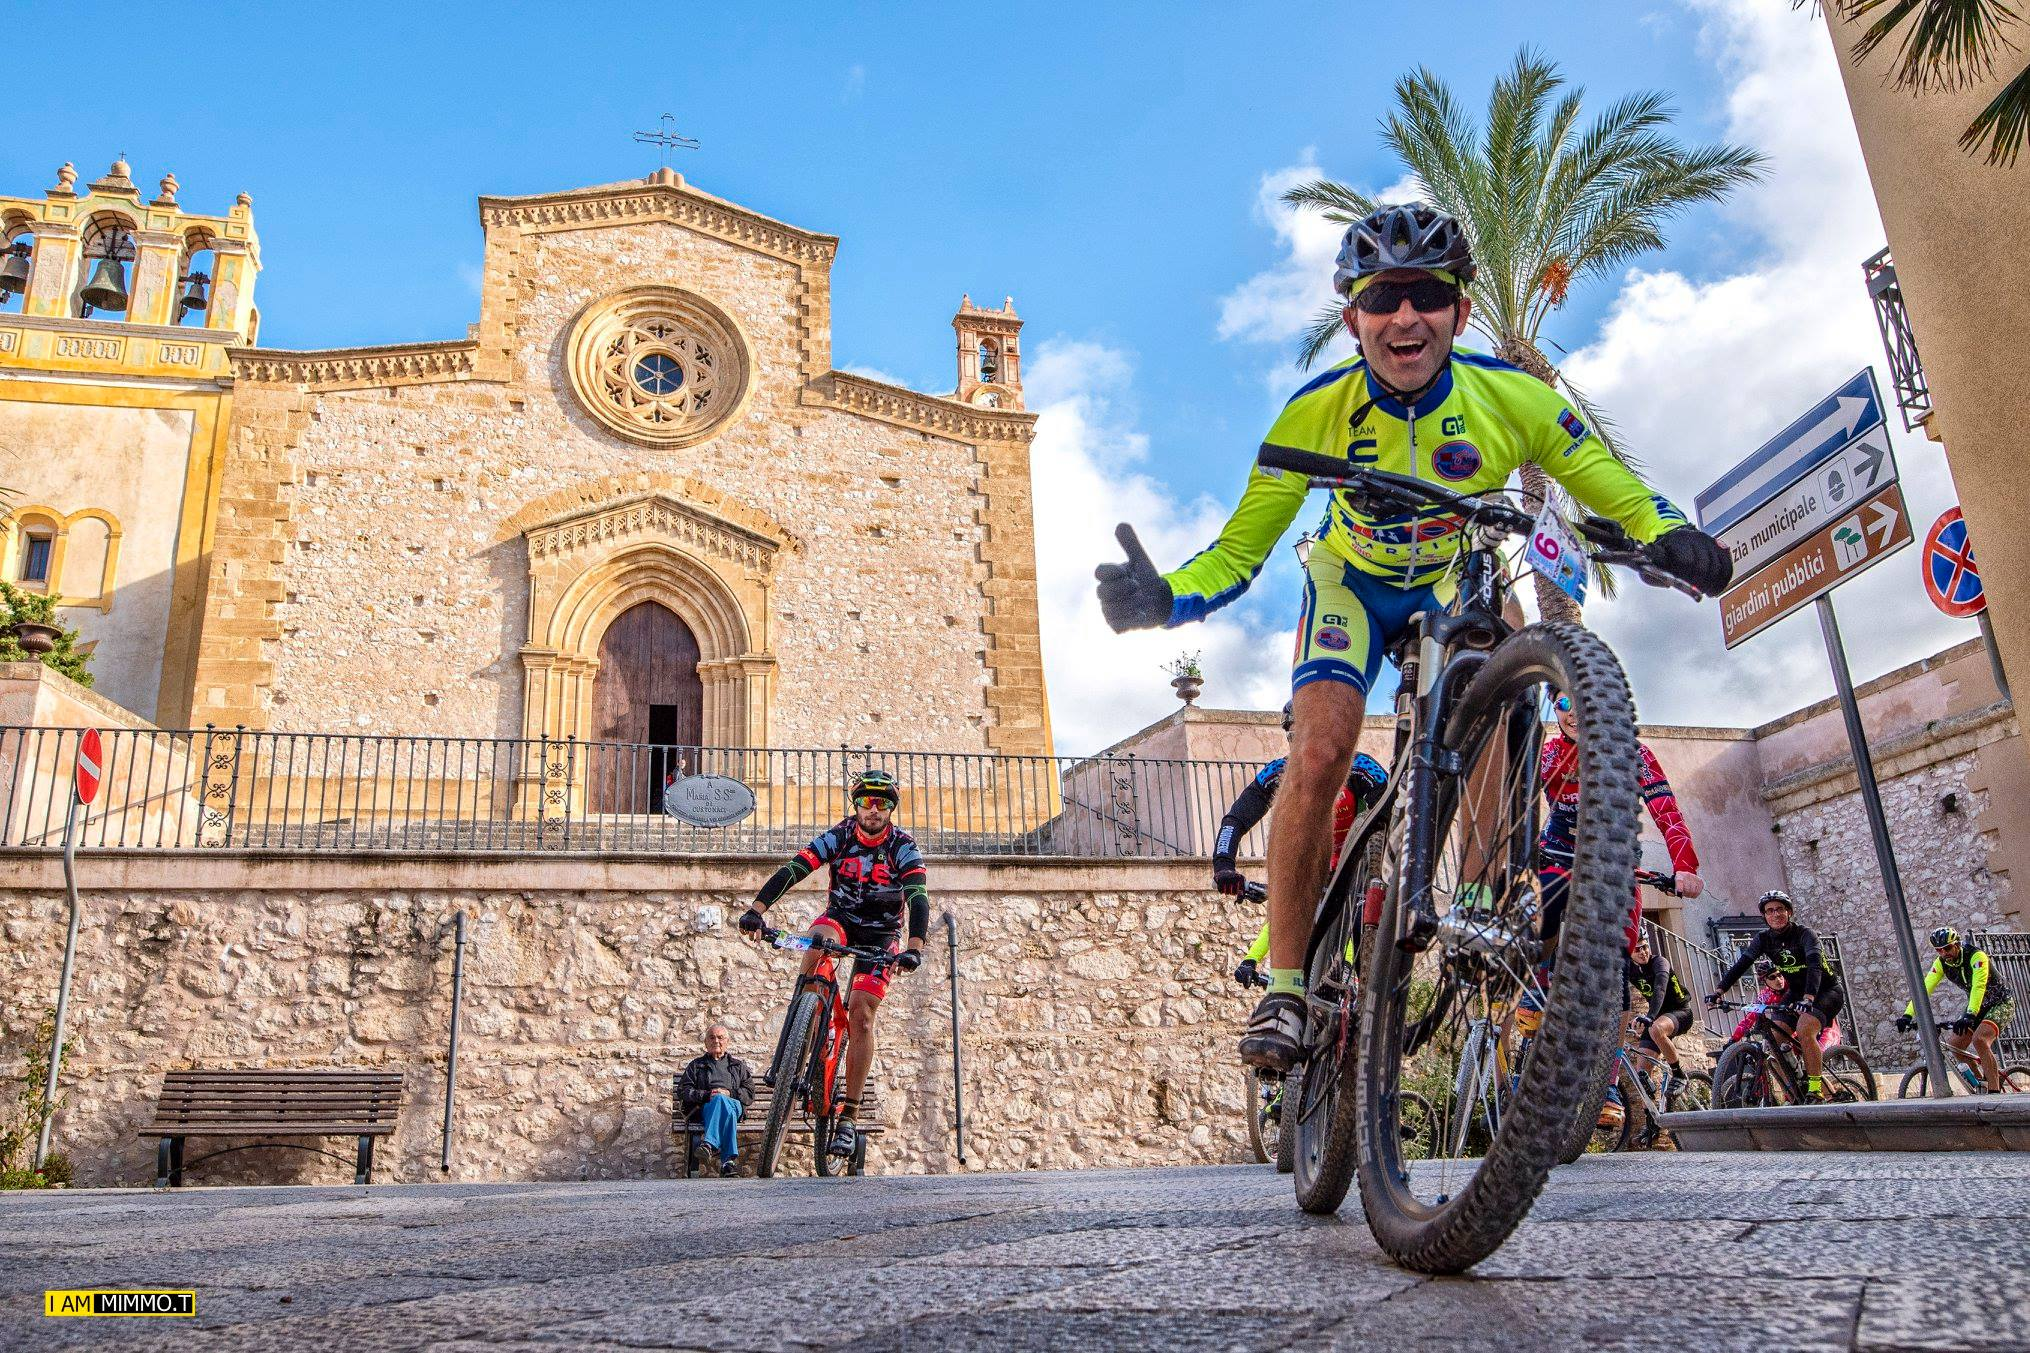 Piu' di 200 bikers da tutta la Sicilia per il 1°raduno MTB di Santa Lucia a Custonaci.